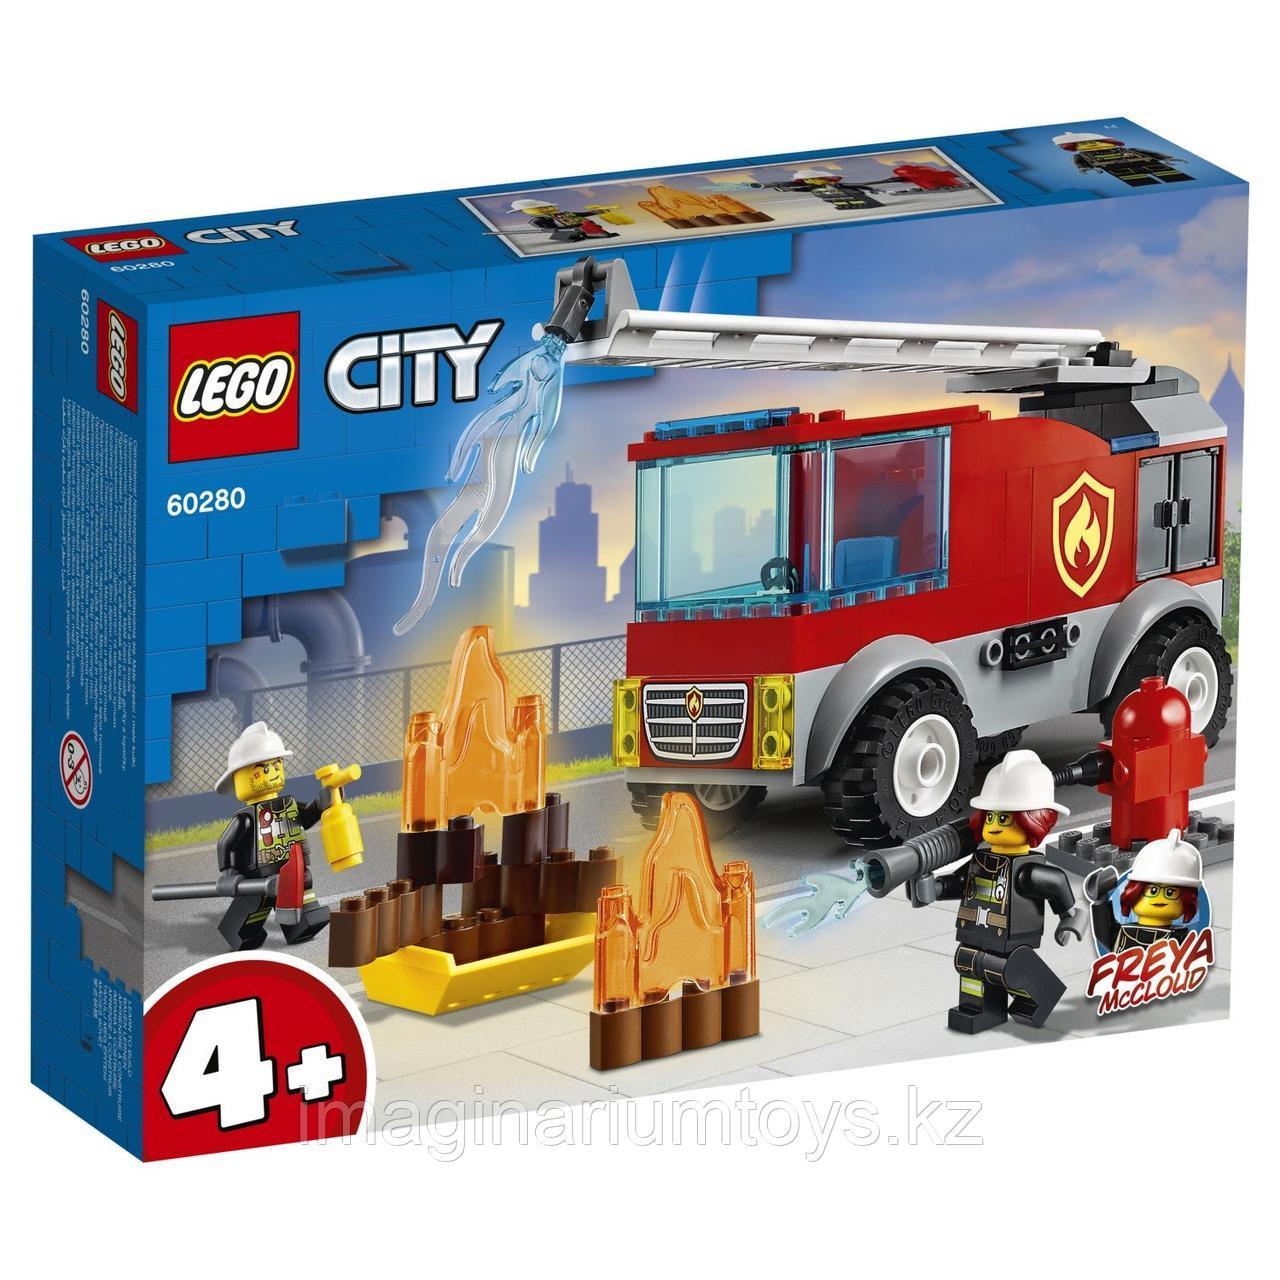 Конструктор LEGO City Лего город Пожарная машина с лестницей 60280 - фото 3